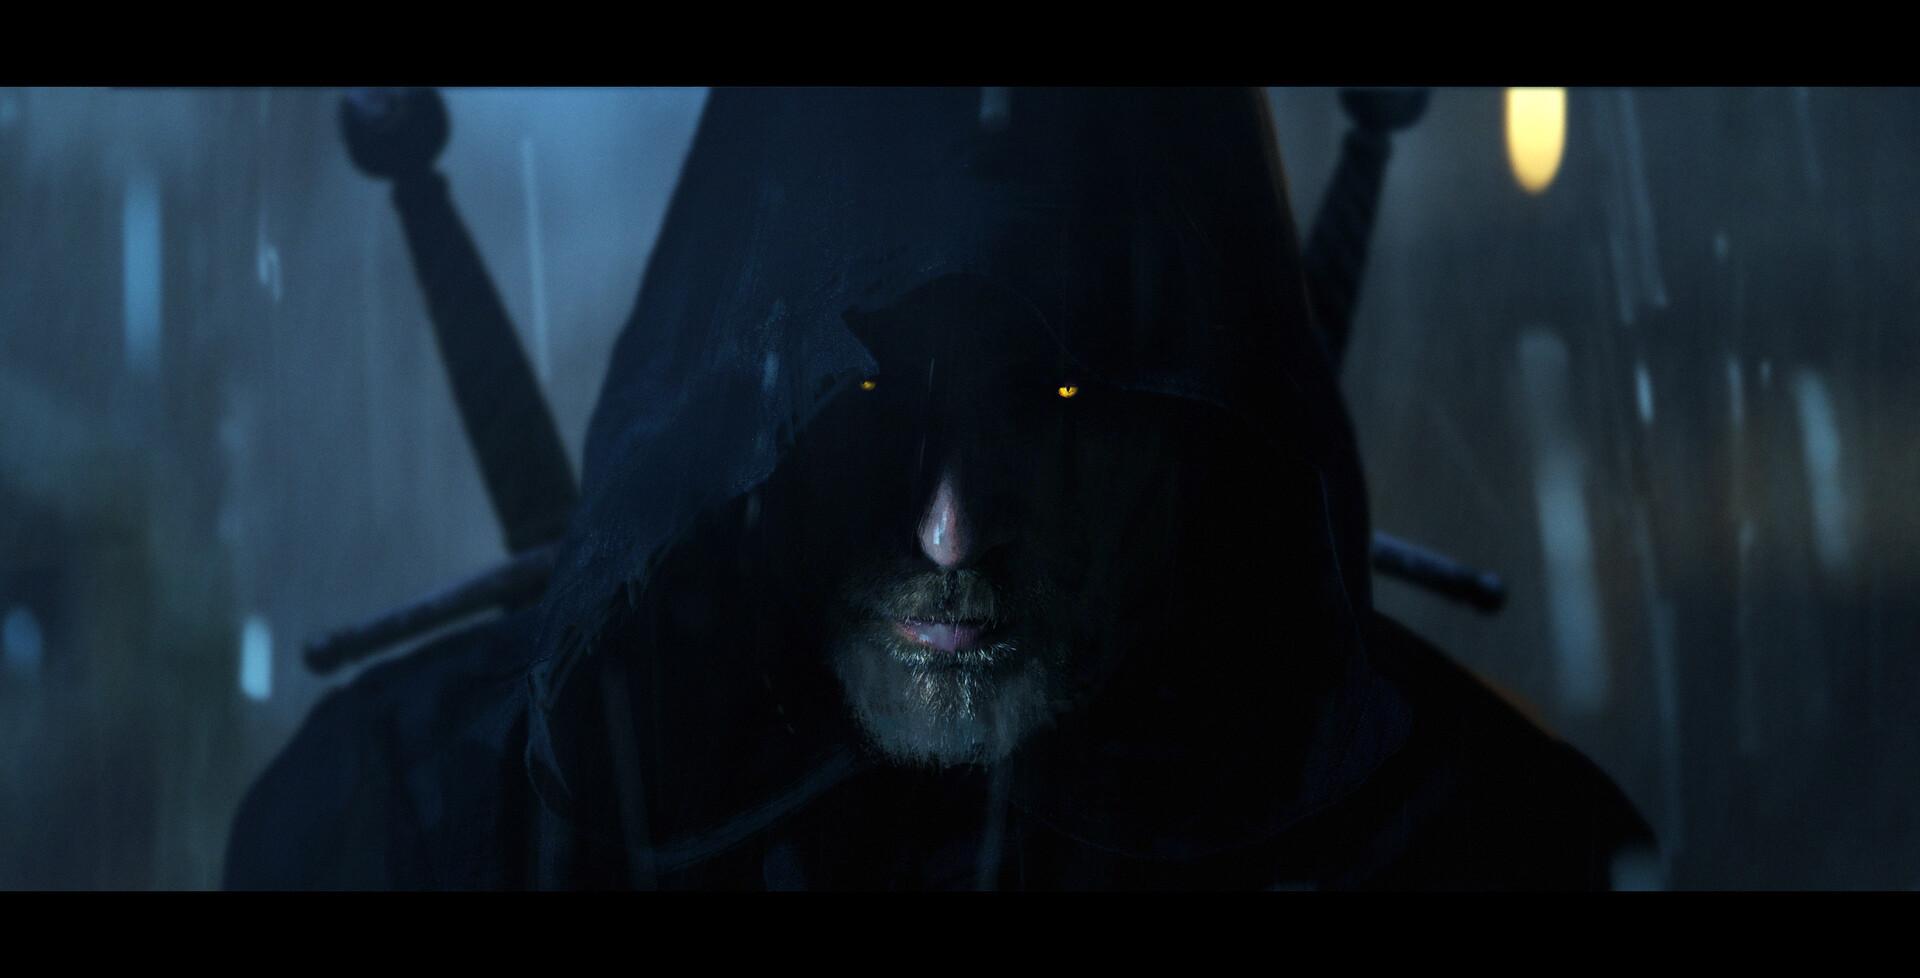 Witcher.jpg - The Witcher 3: Wild Hunt